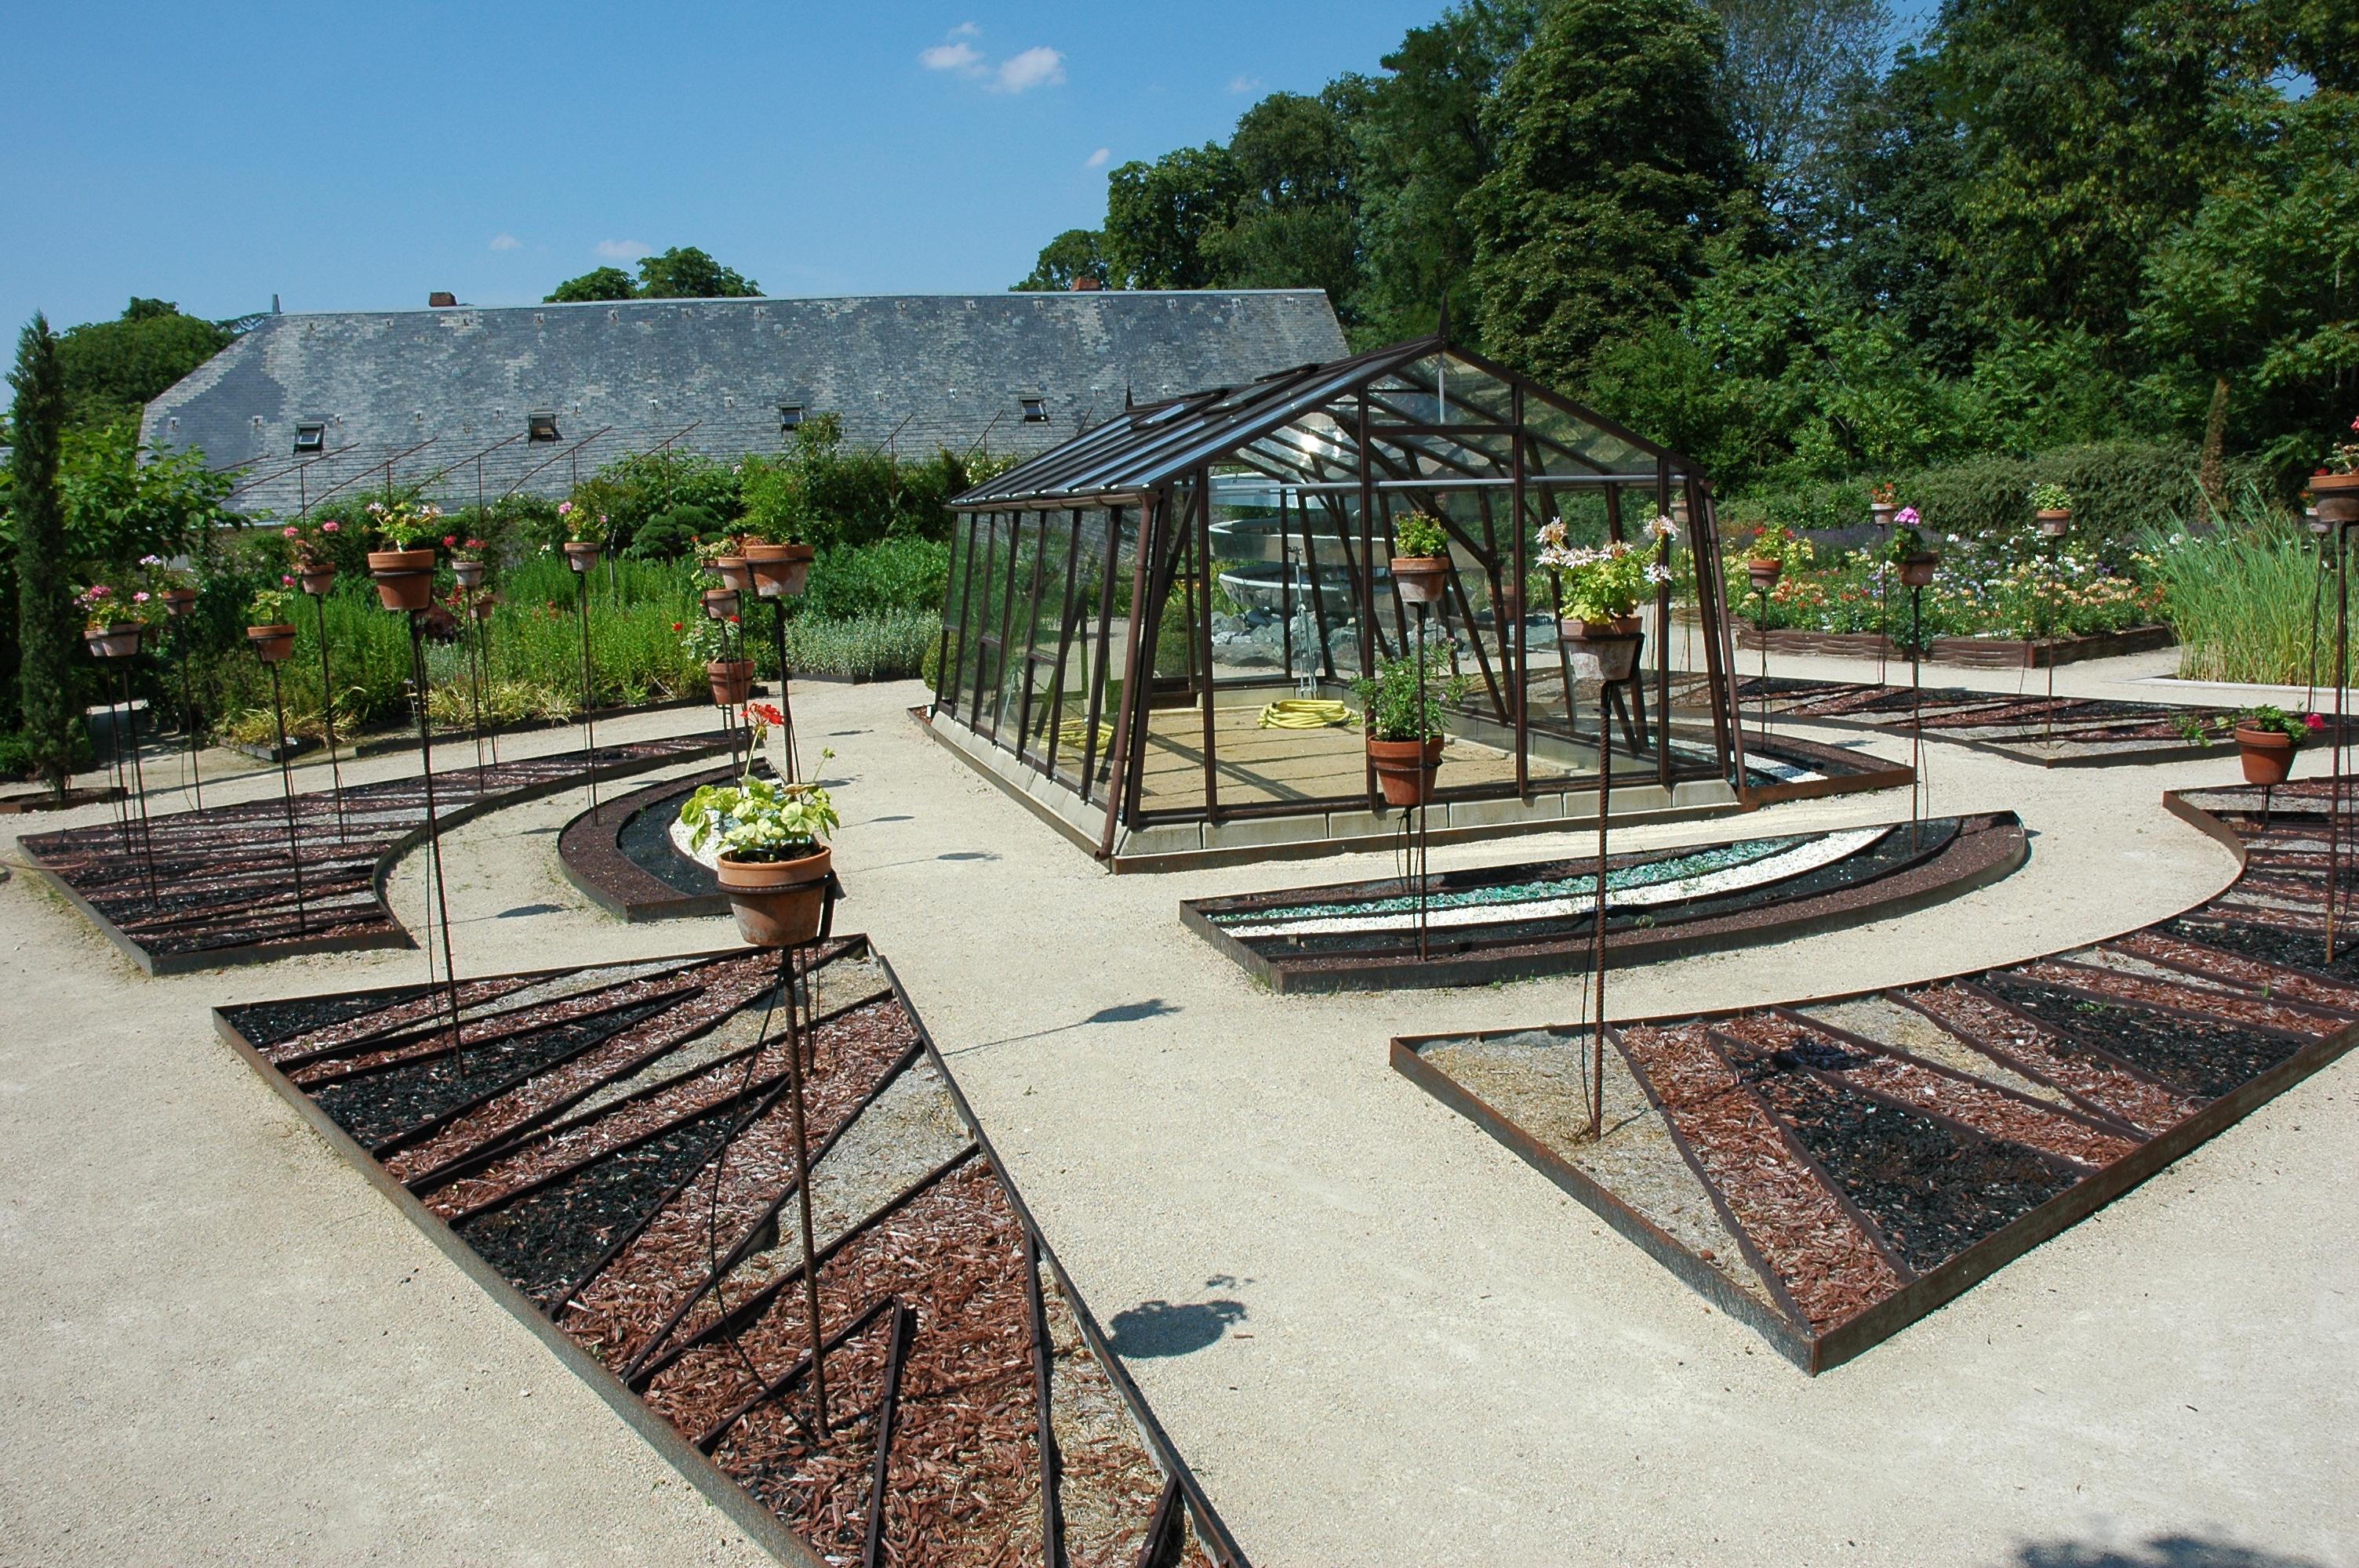 File france loir et cher festival jardins chaumont sur loire chaumont jardin experimental 02 jpg - Jardins chaumont sur loire ...